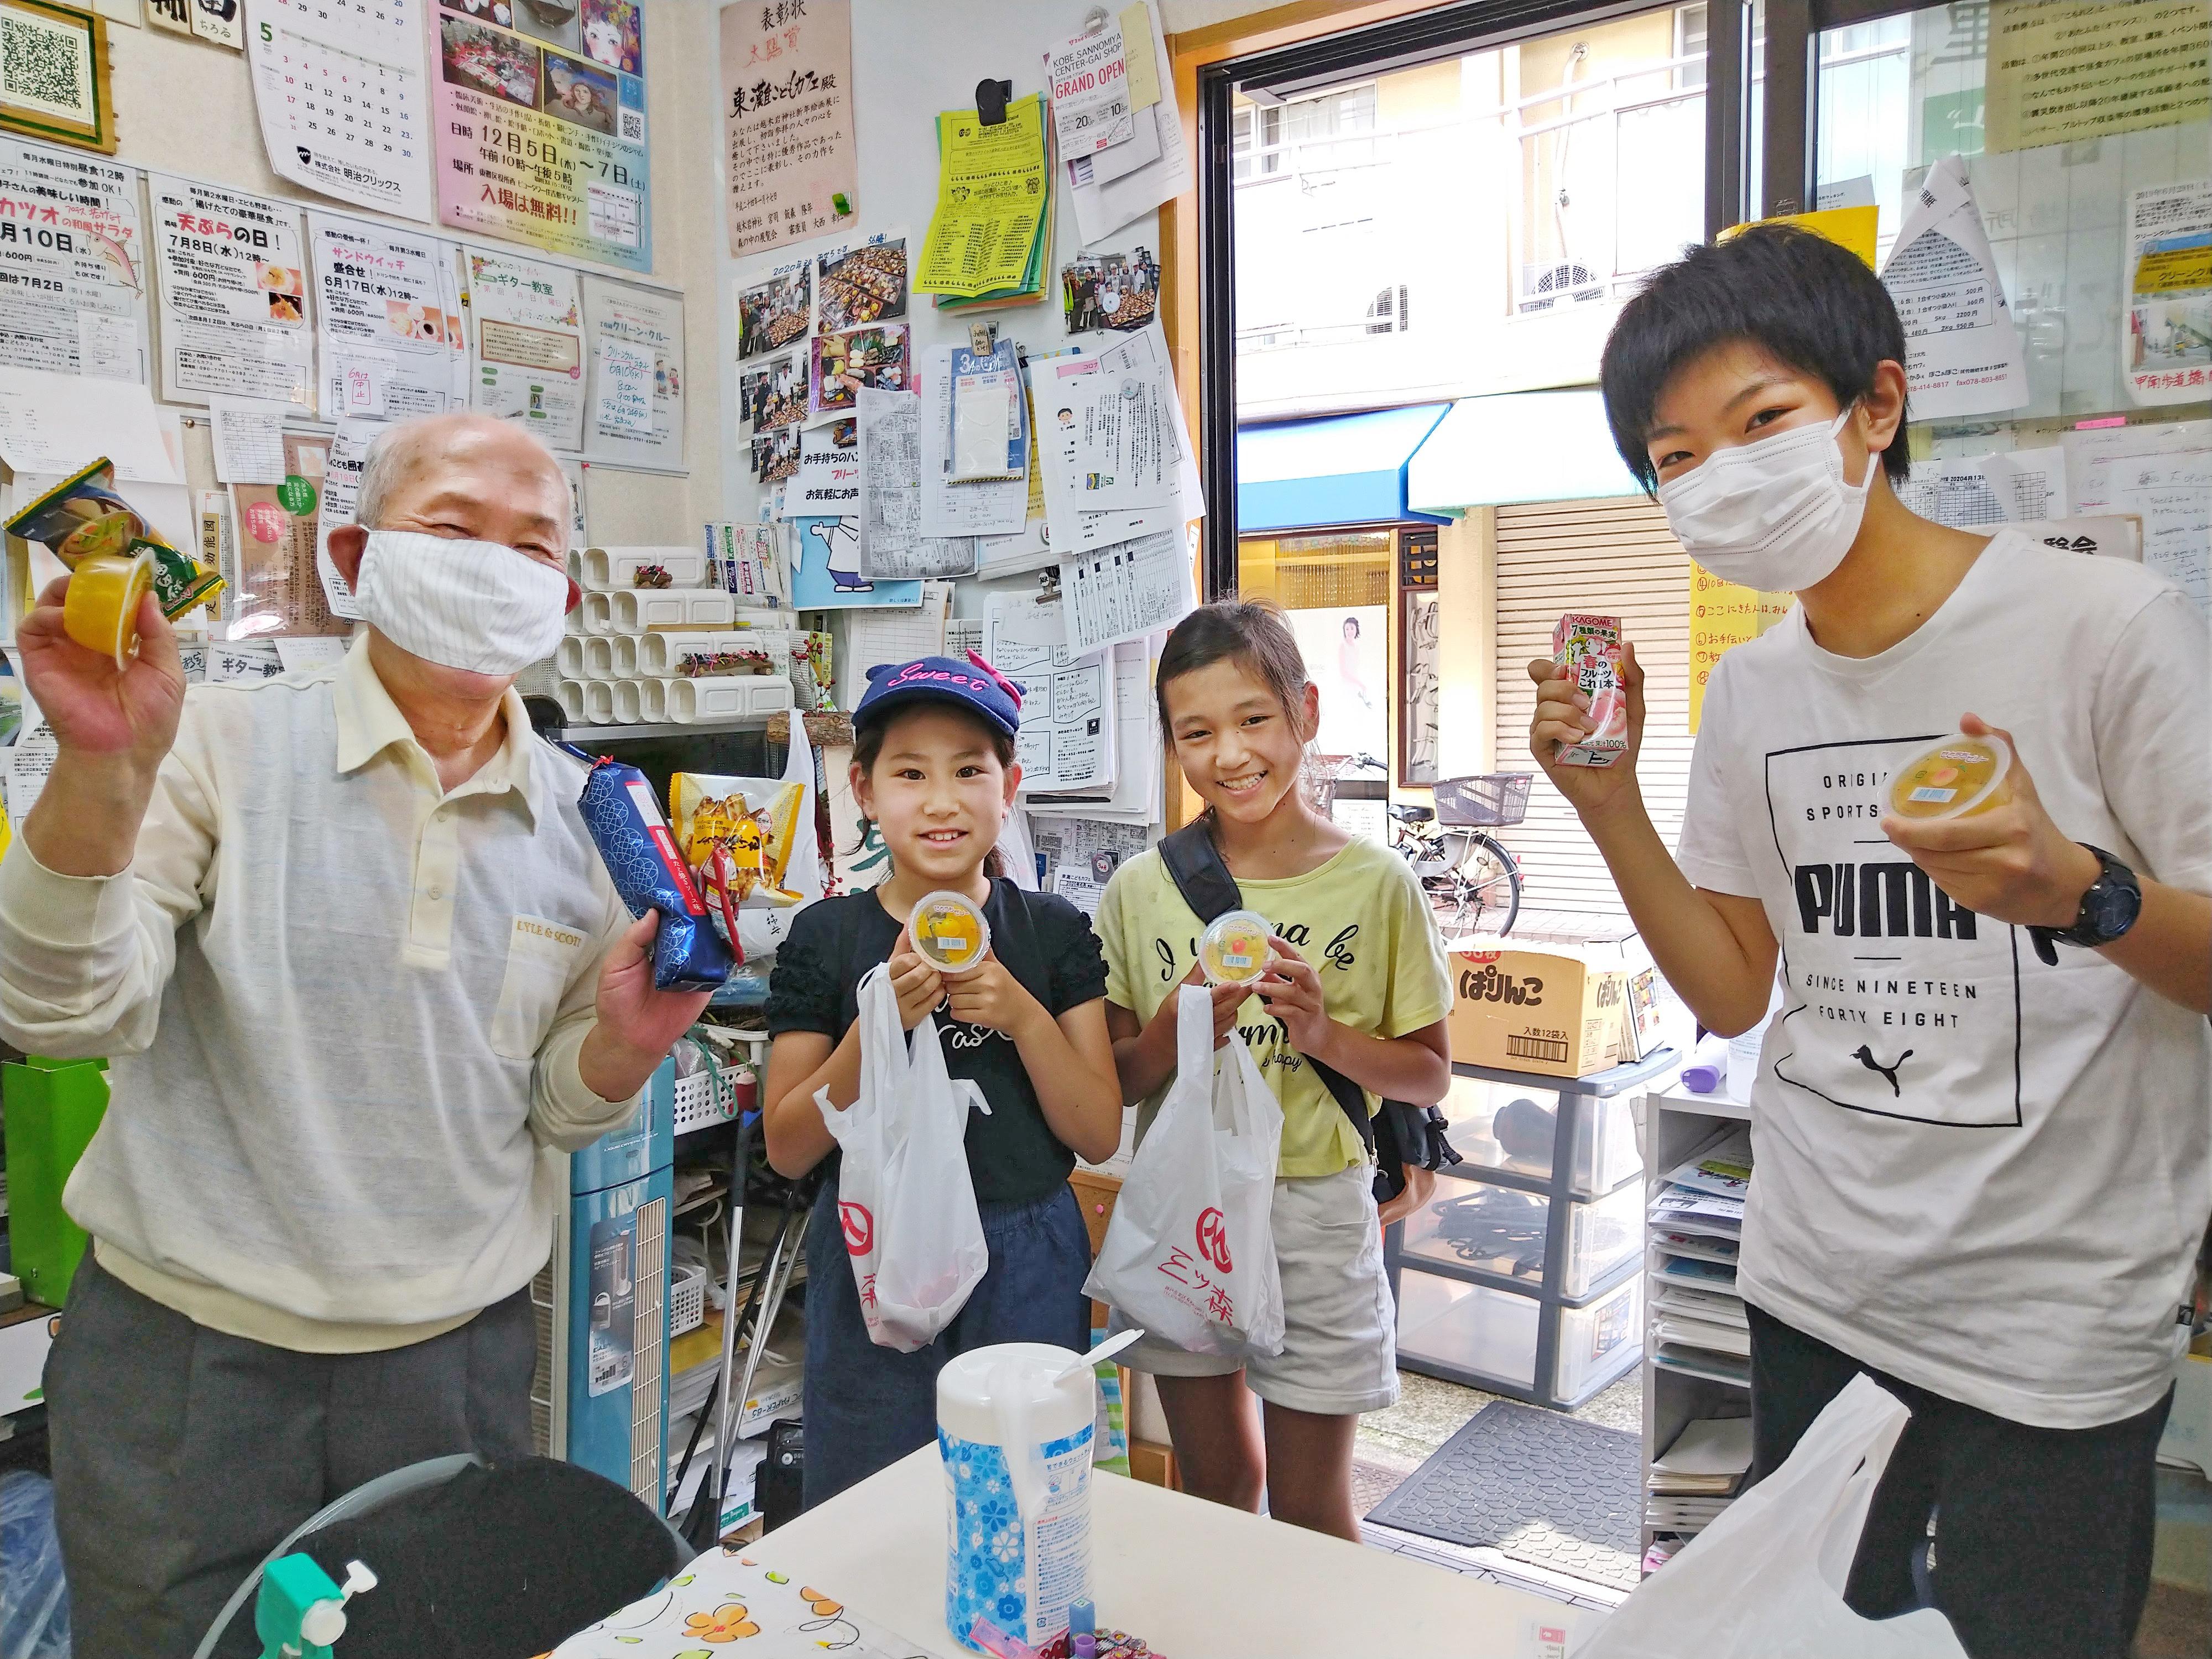 新型コロナウイルス対策として、大学ボランティア団体と連携して、休校中の子どもたちへの学習支援やお菓子の無料提供などを行っている